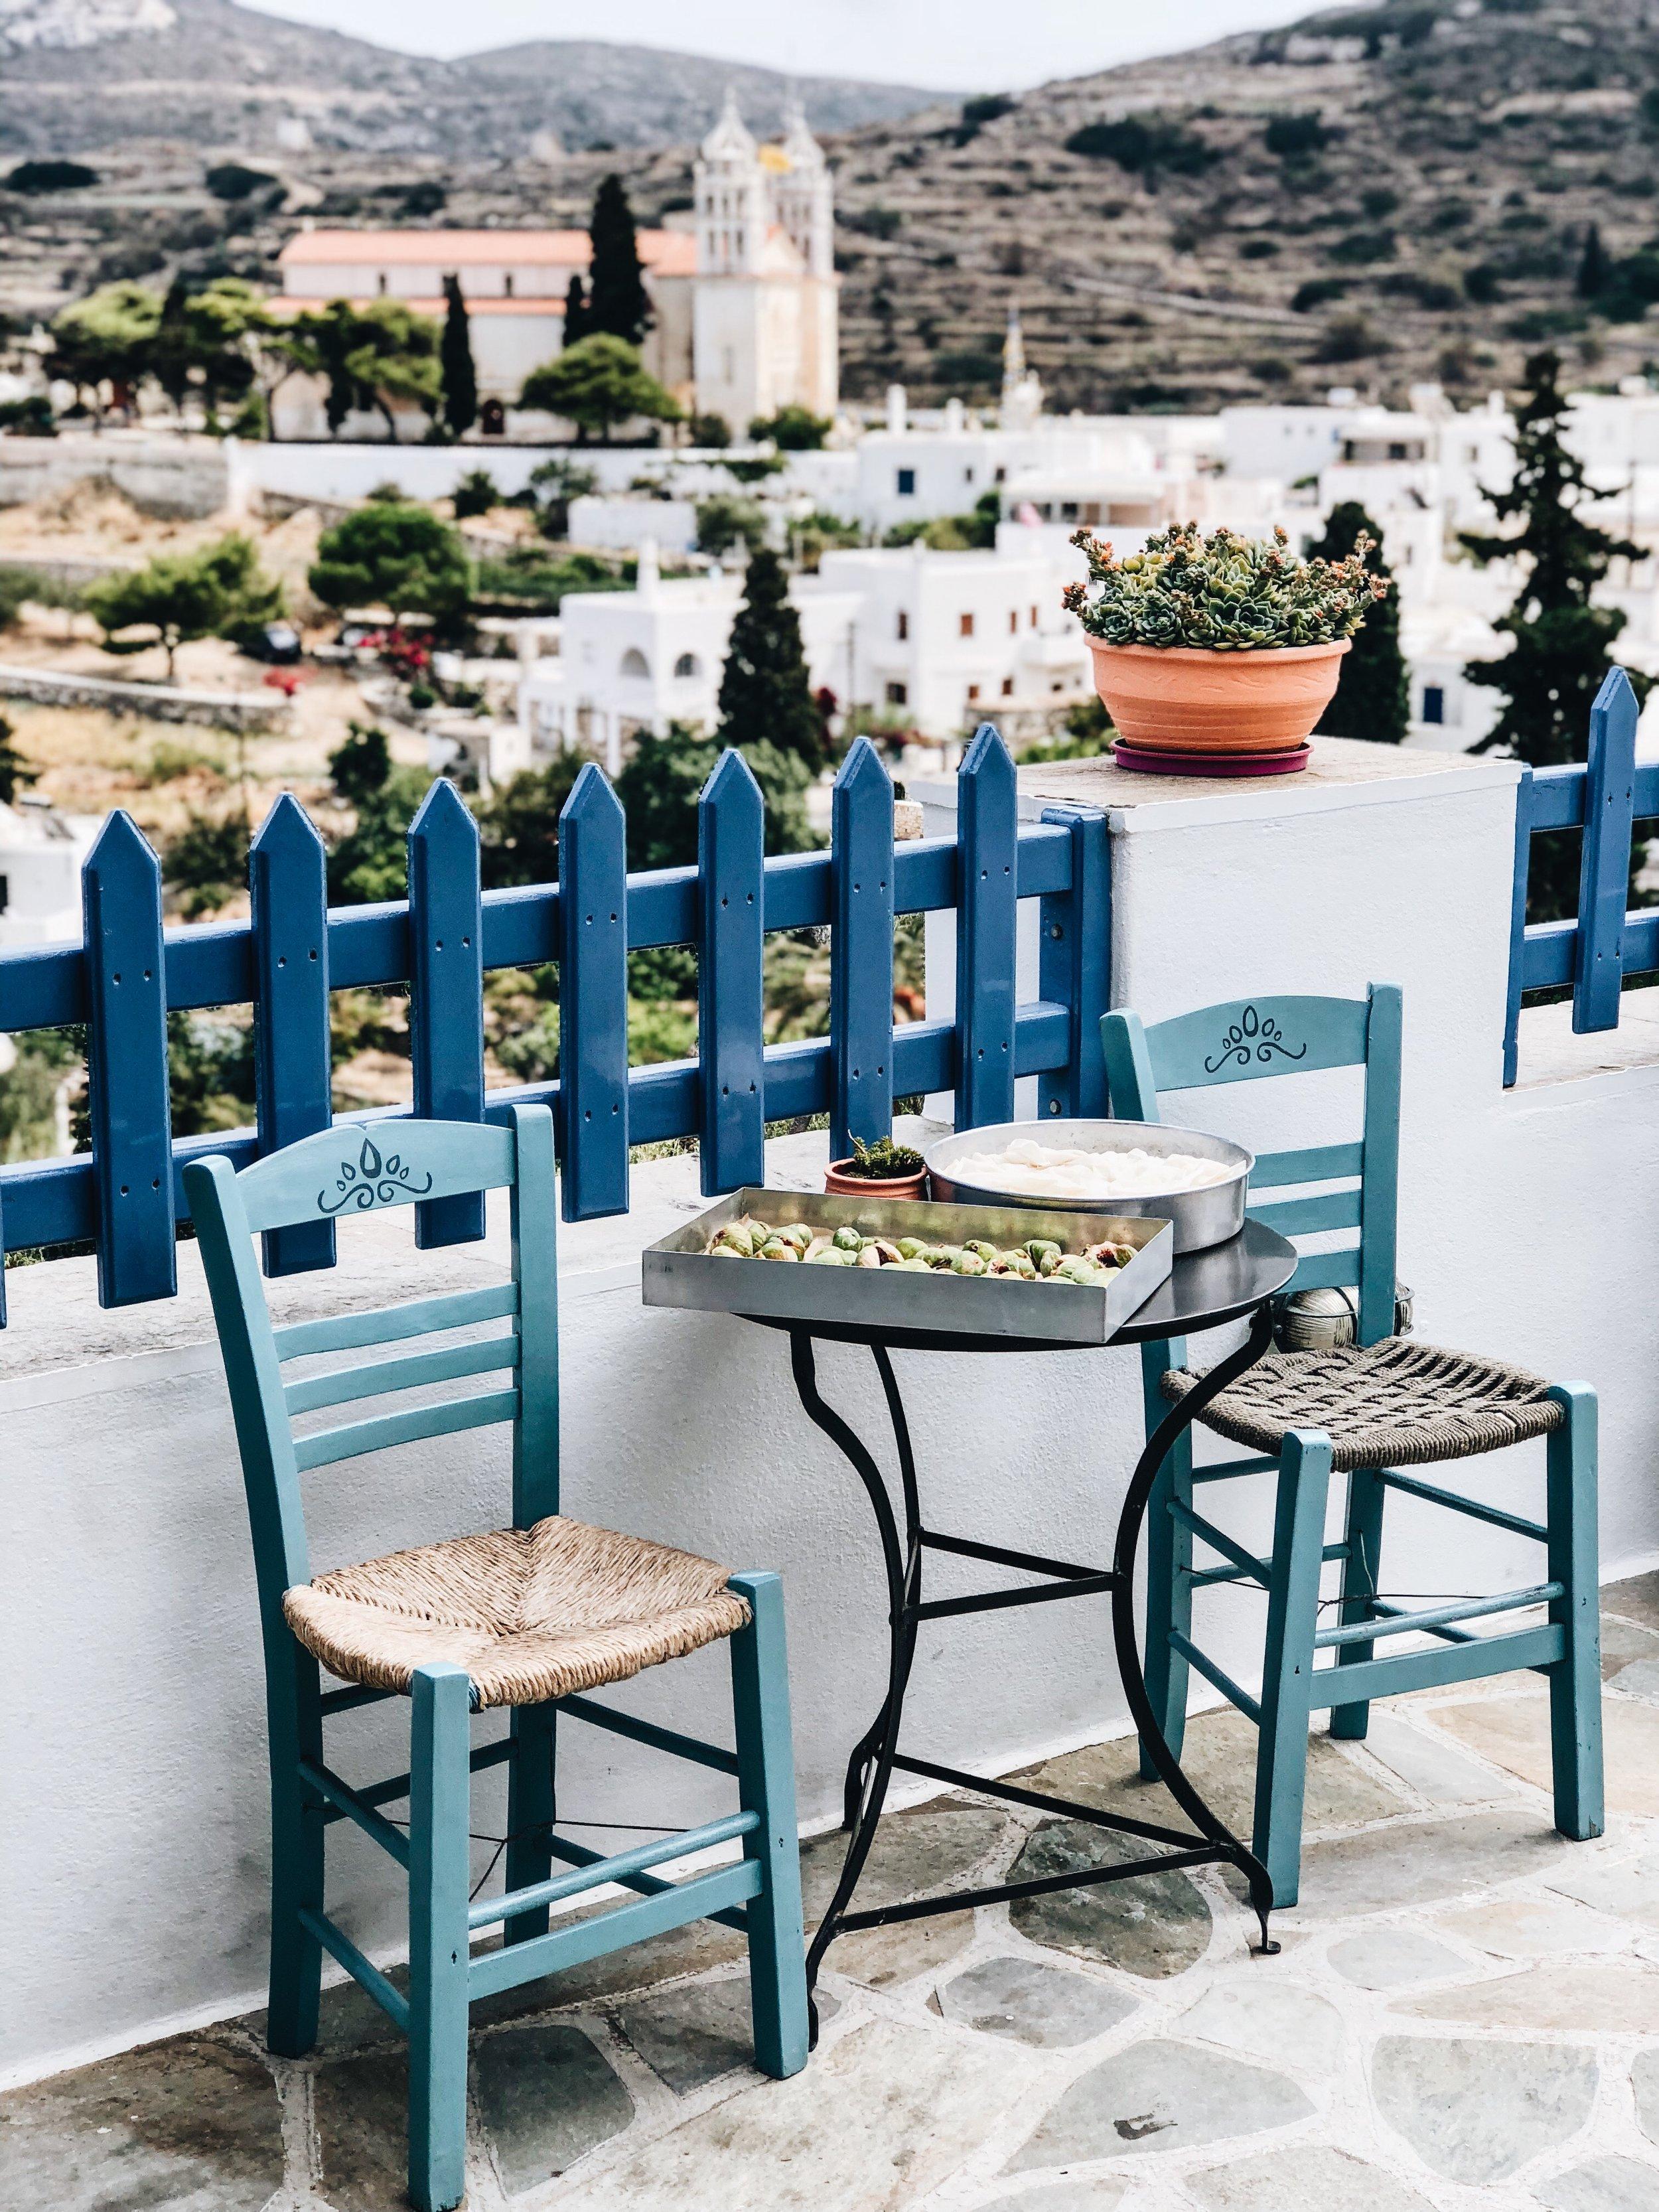 Geuseis Tis Sintrofias  in Lefkes, Paros